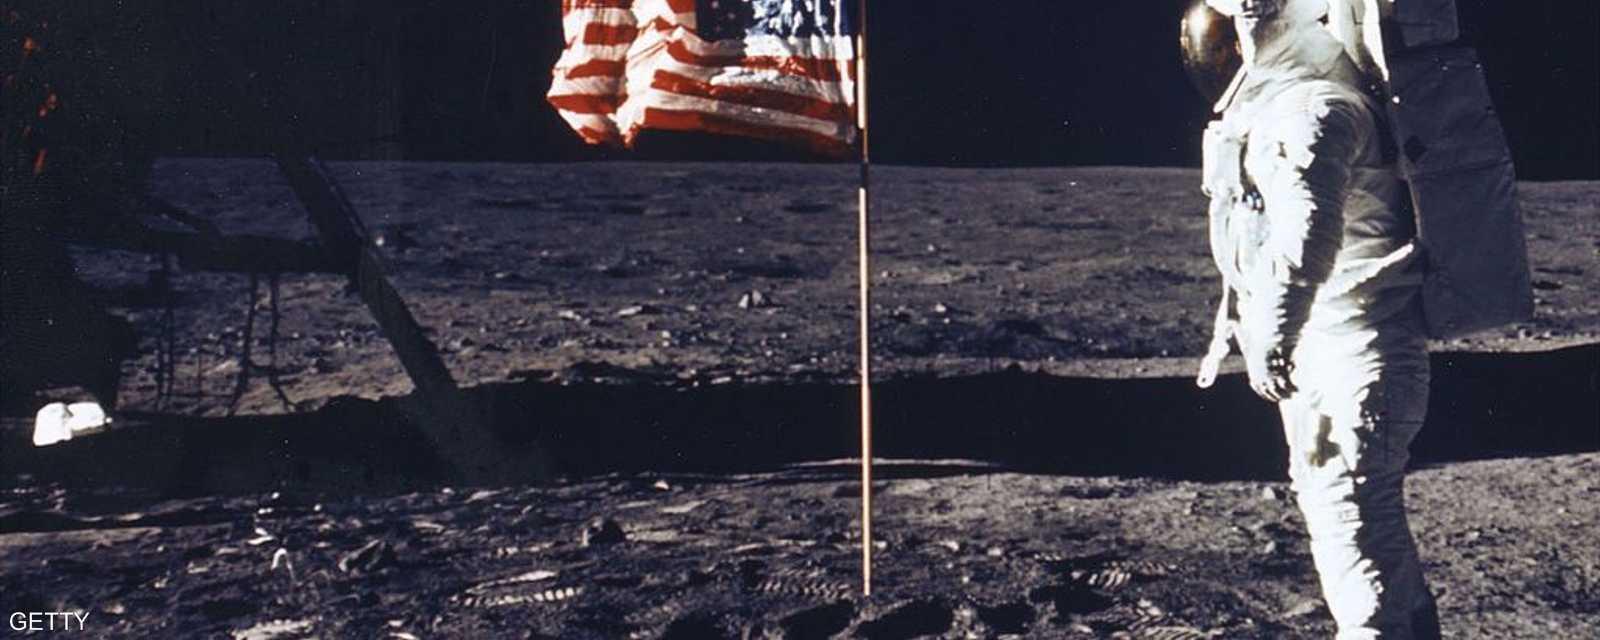 الهبوط على القمر شكل حدثا تاريخيا